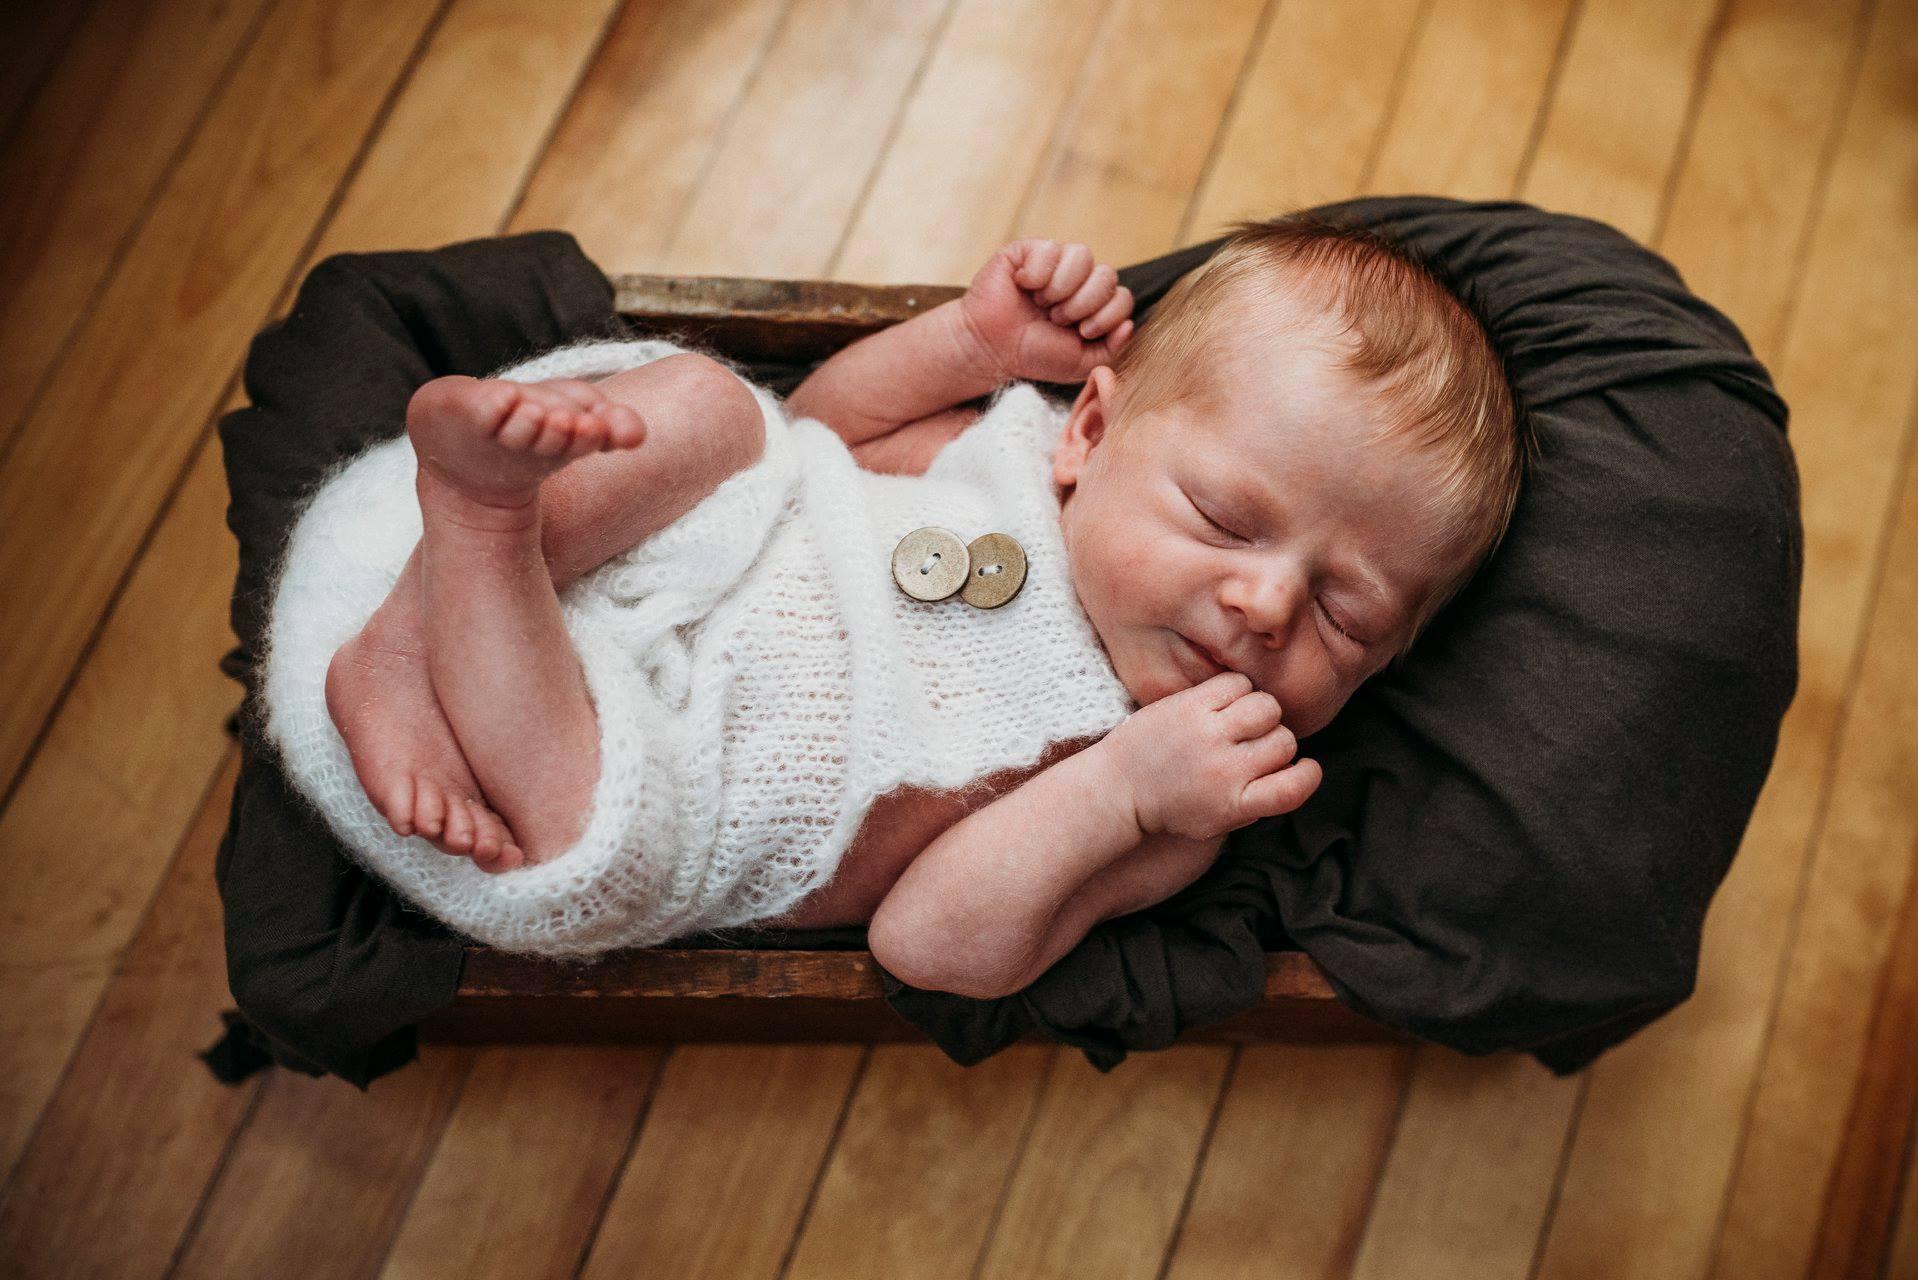 Maine newborn photography (7).jpg